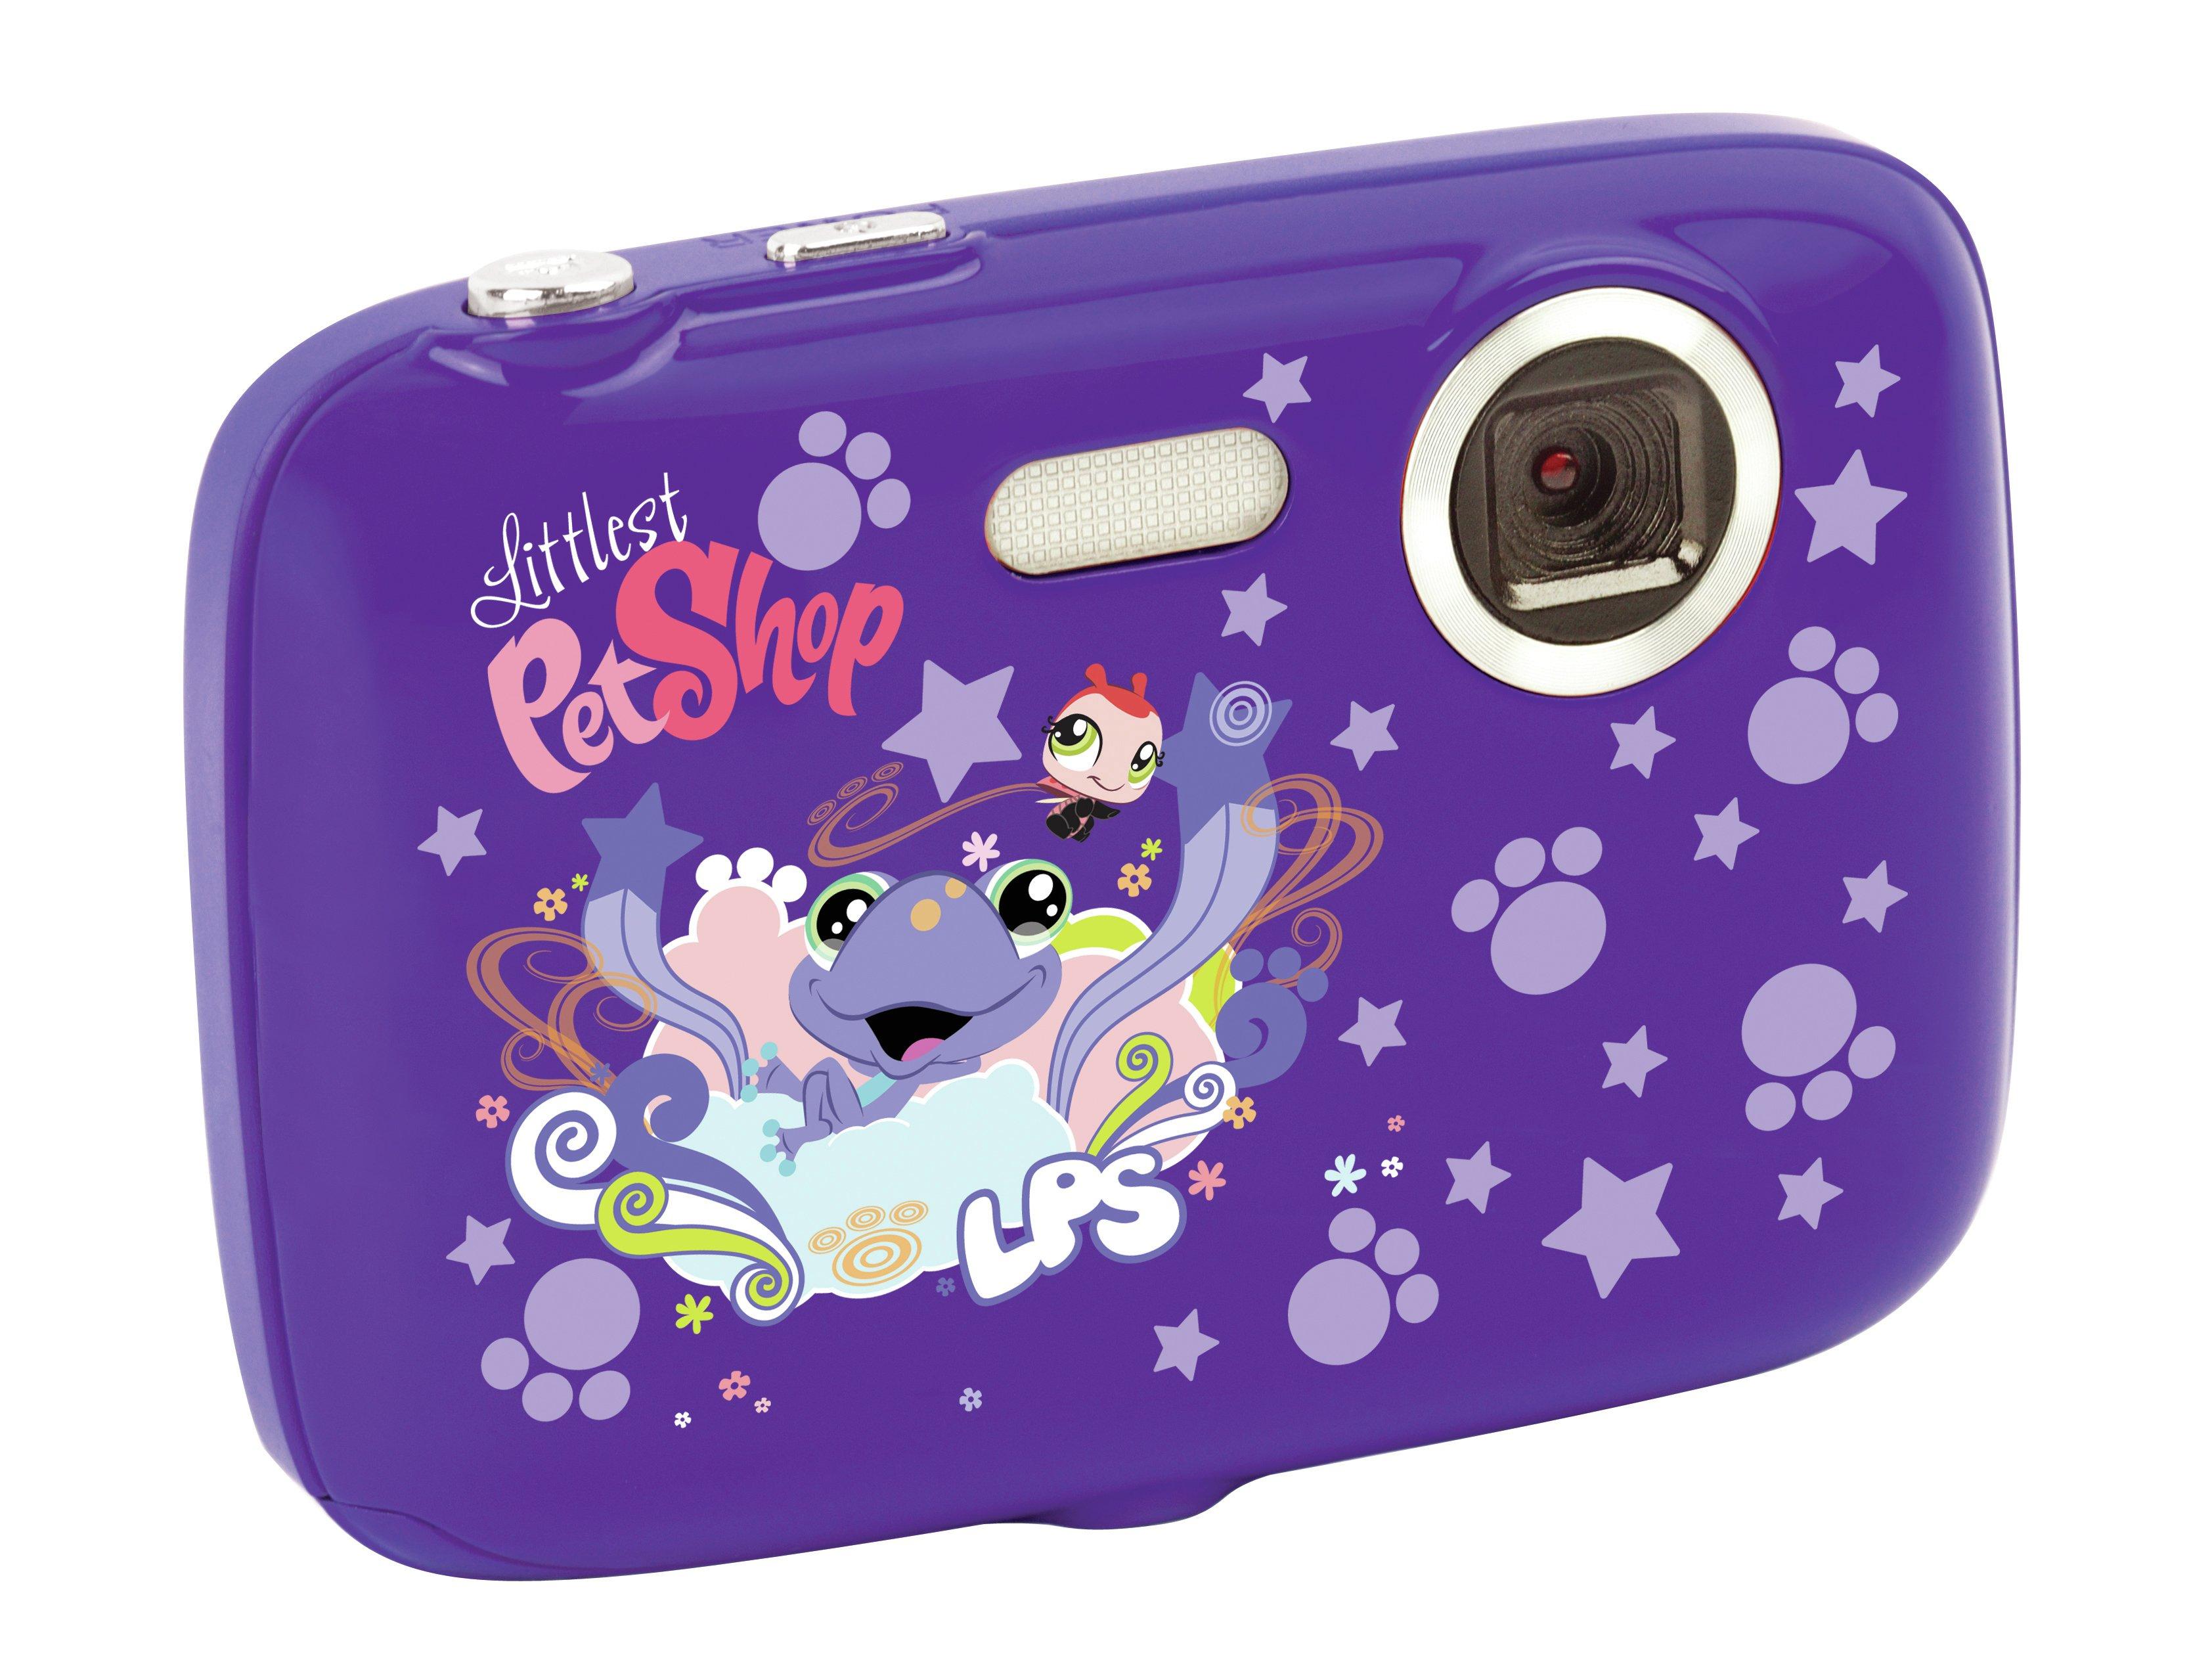 Littlest Pet Shop - 3MP Camera